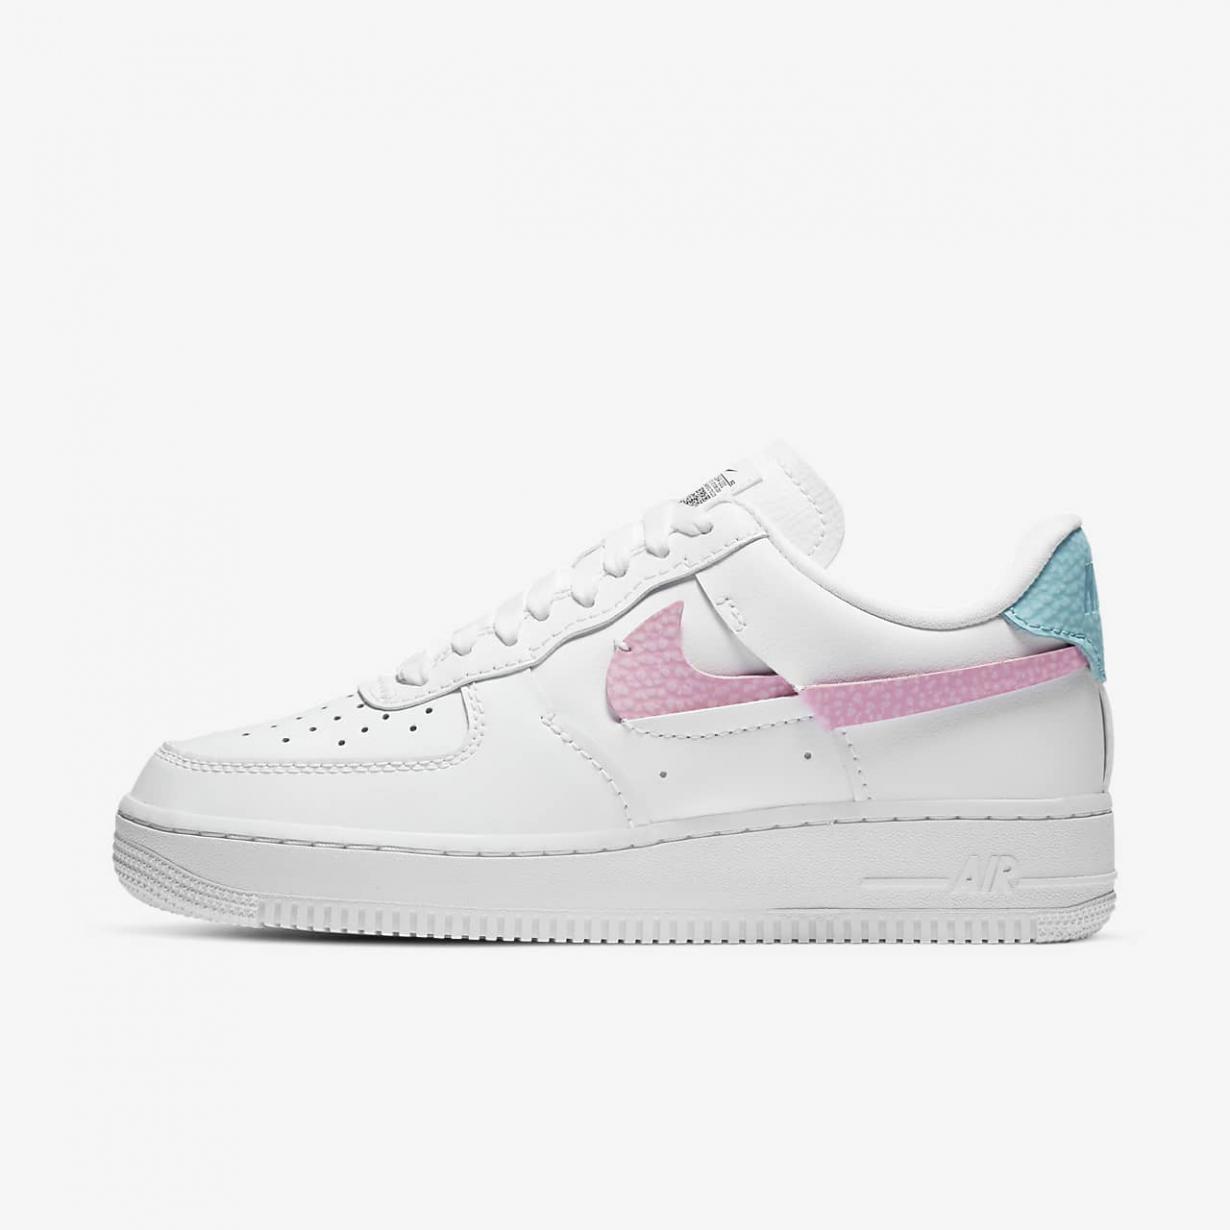 Lifestyle Femme | Air Force 1 LXX Blanc/Lever De Soleil Rose/Bleu-vert délavé | Nike < Gooddaytricities